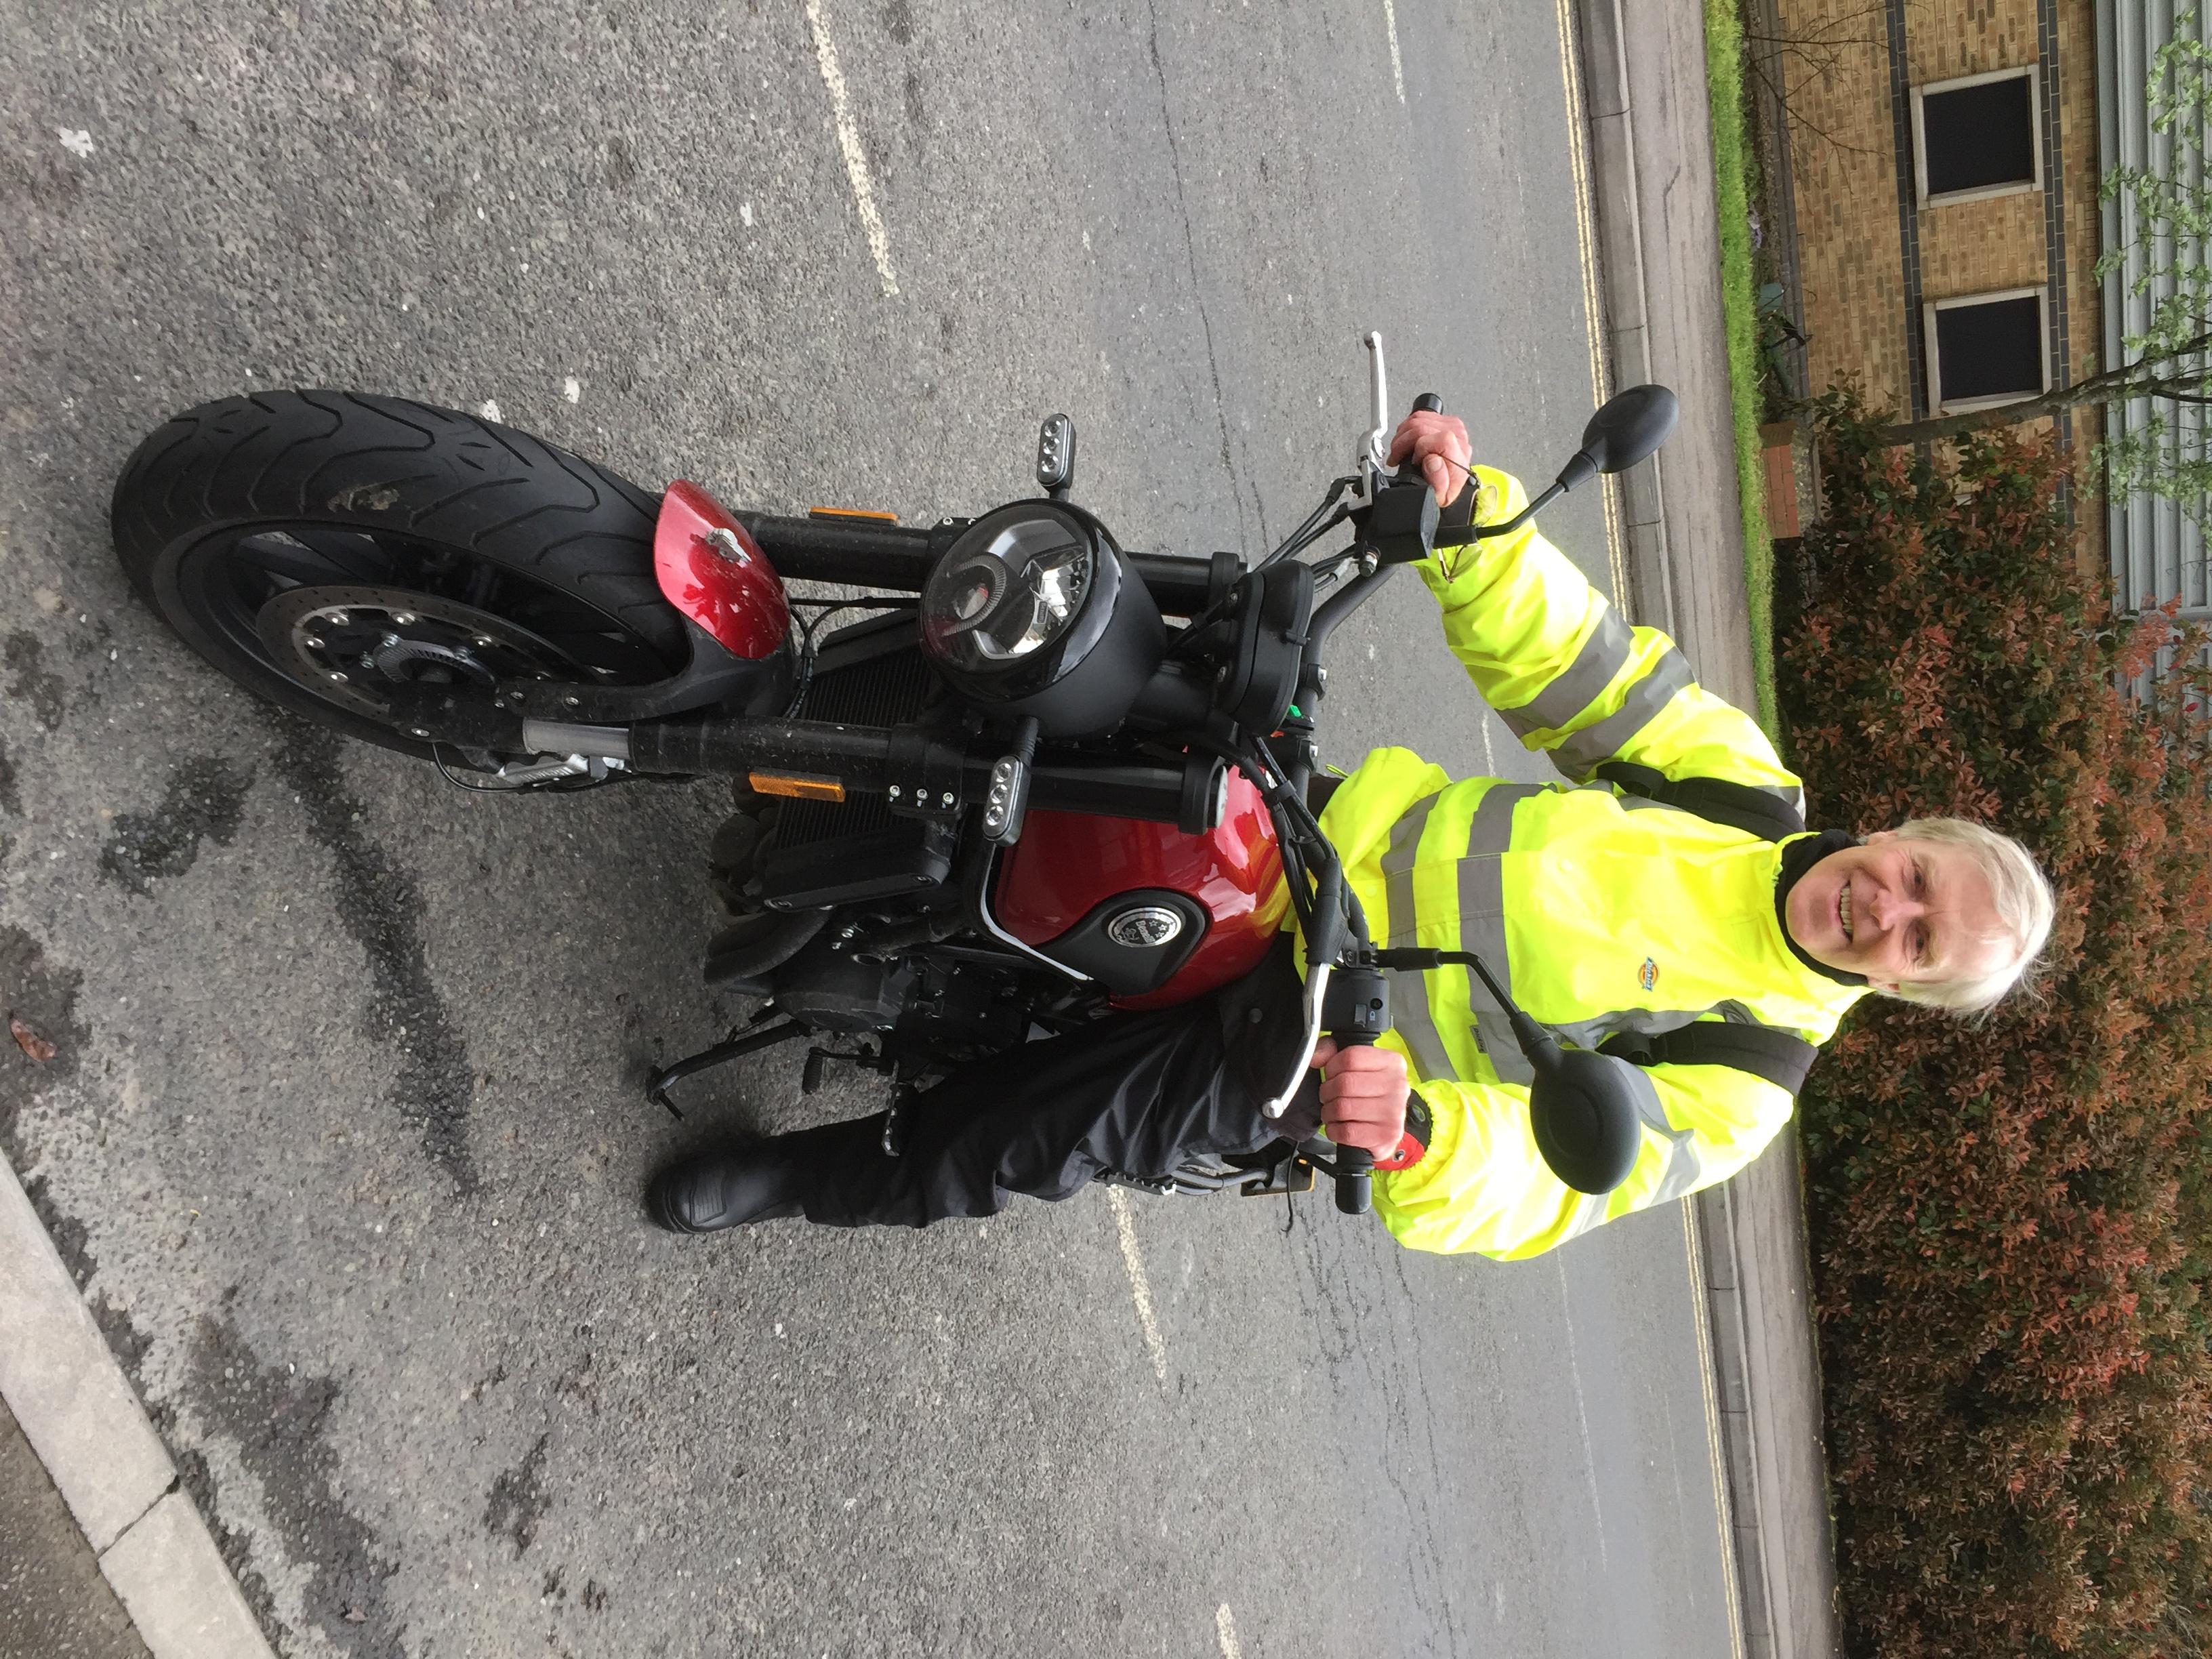 rode speed test